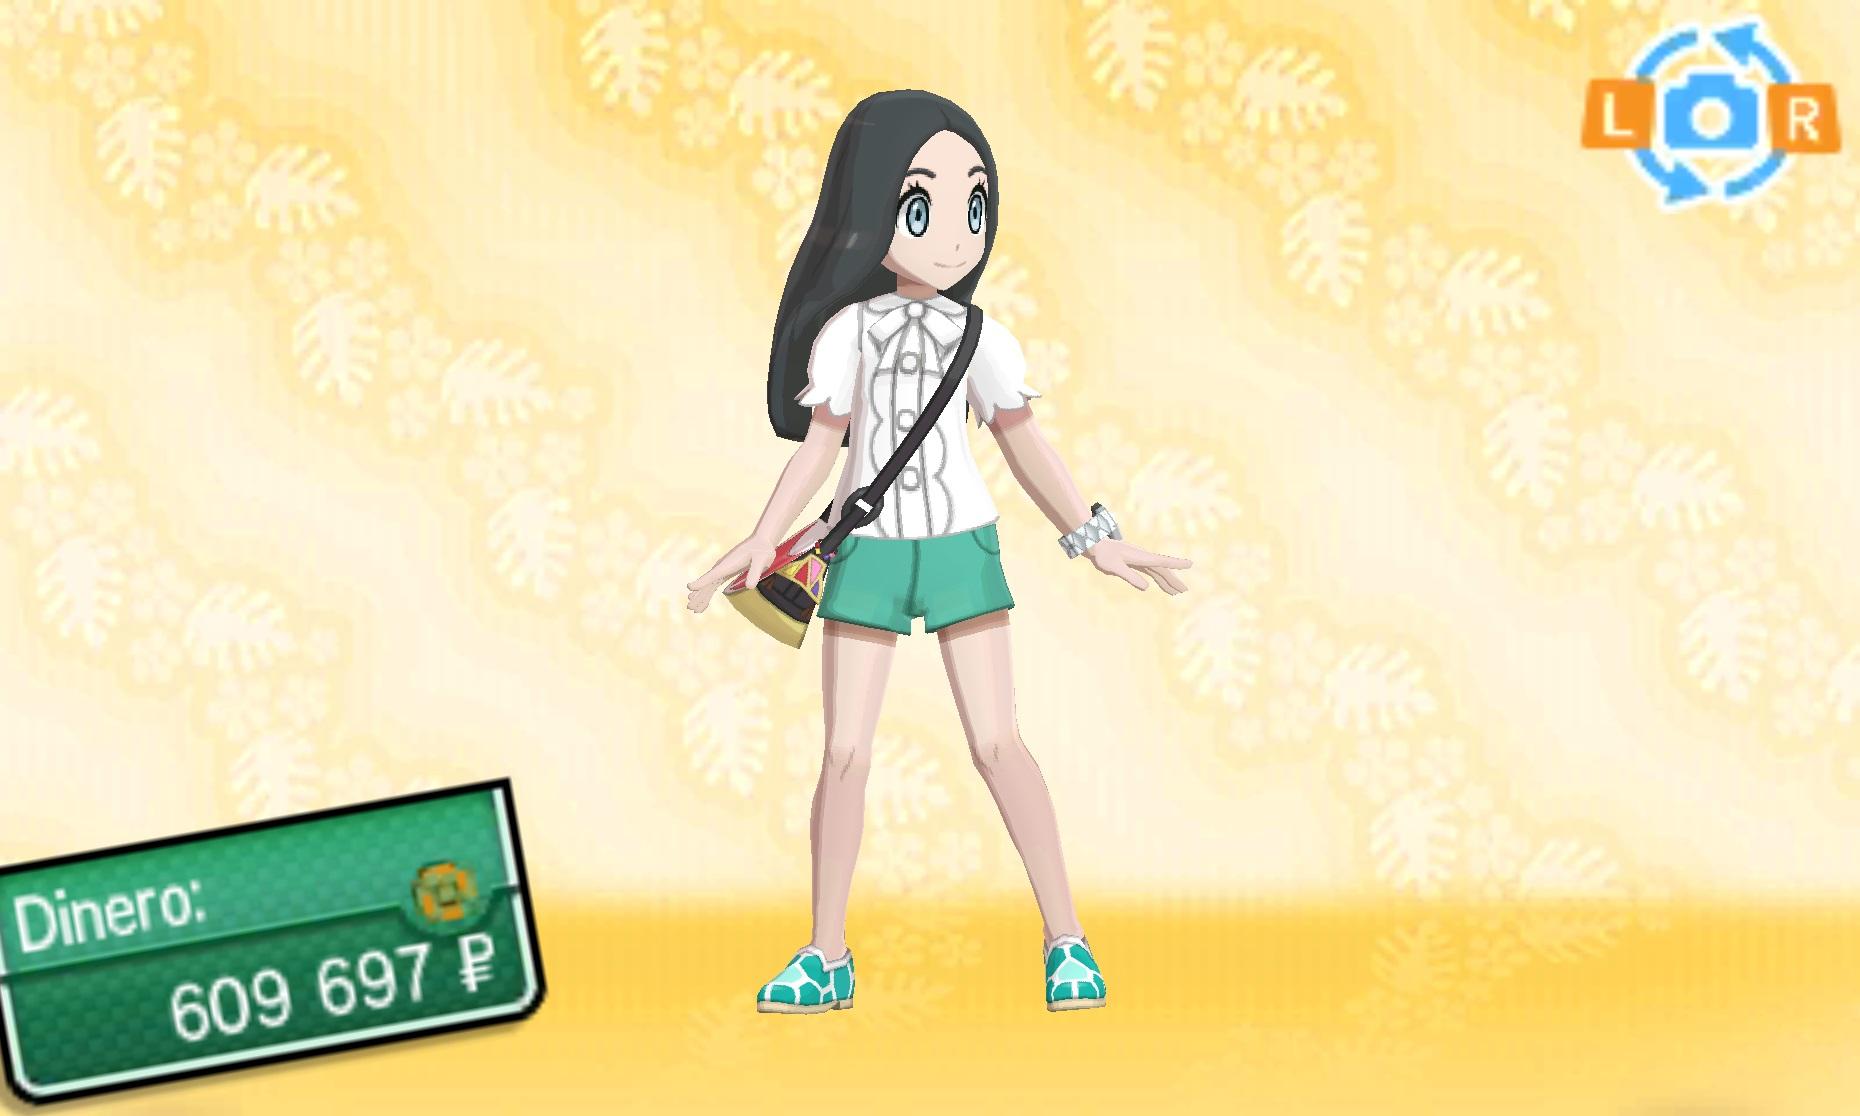 Listados completos de la ropa para Chico y Chica de Sol y Luna